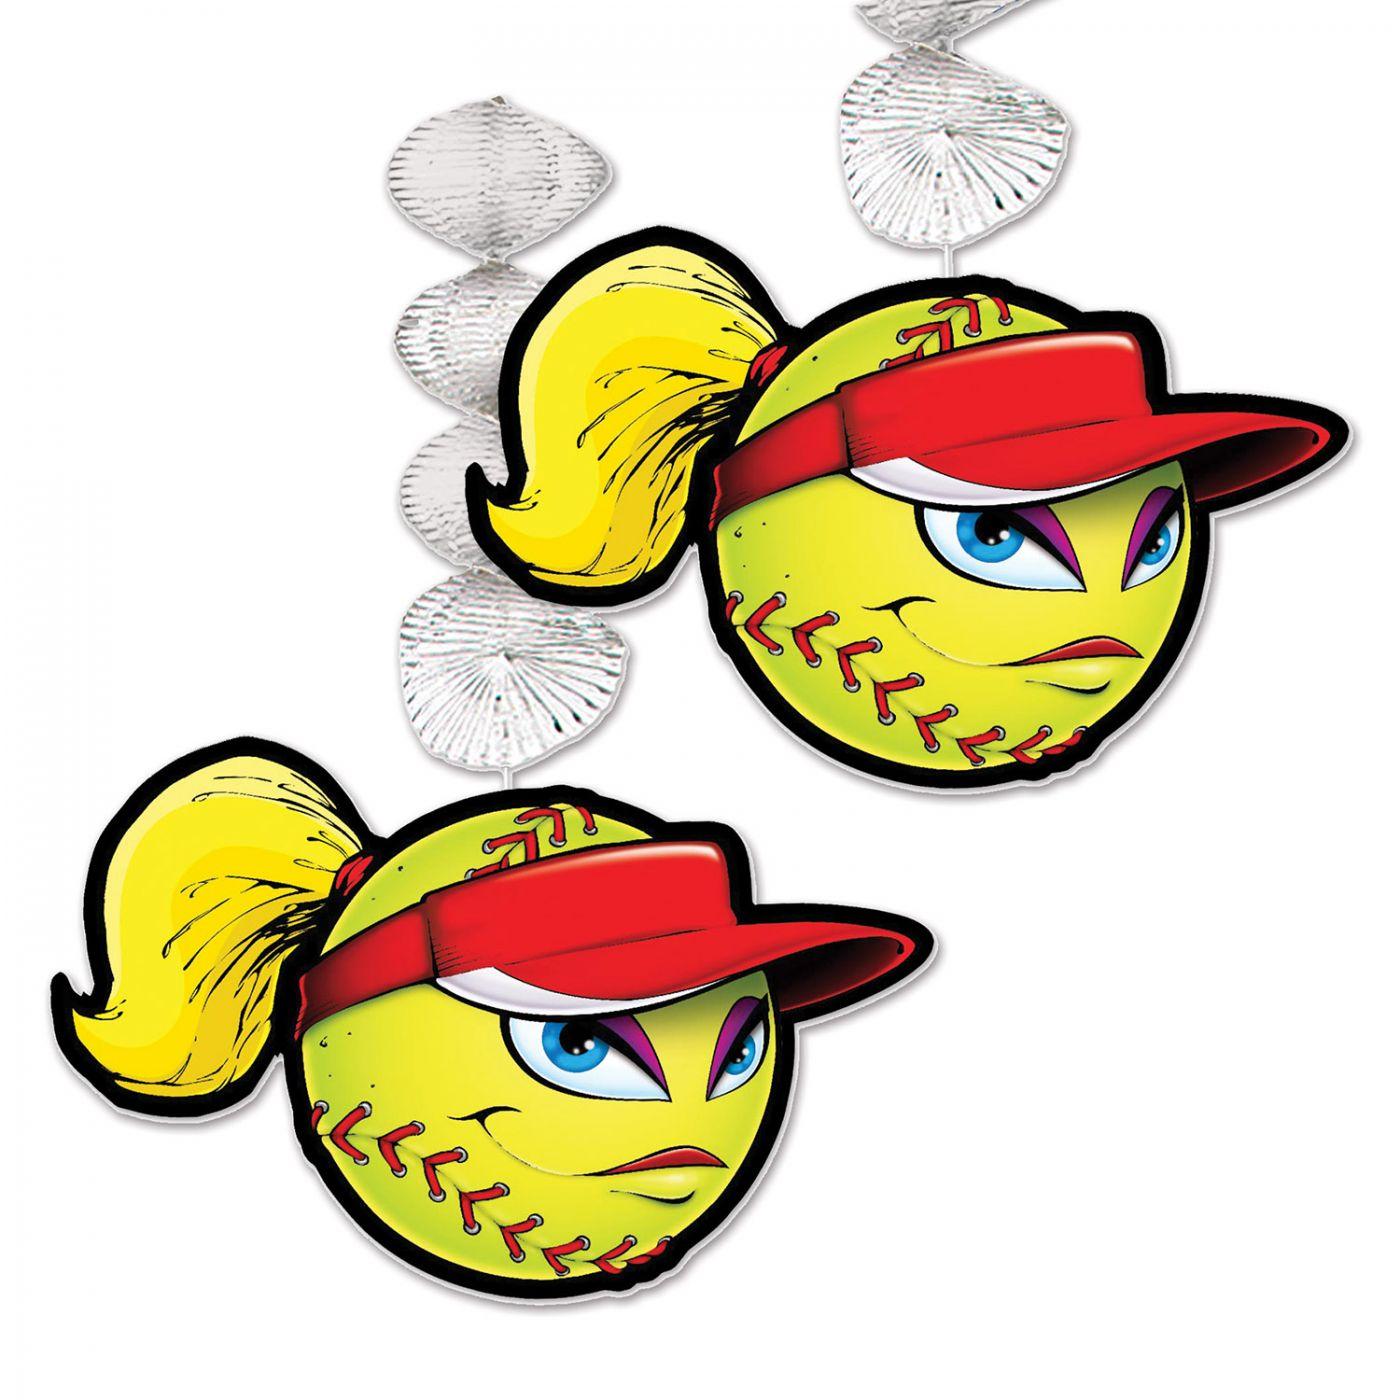 Softball Danglers image